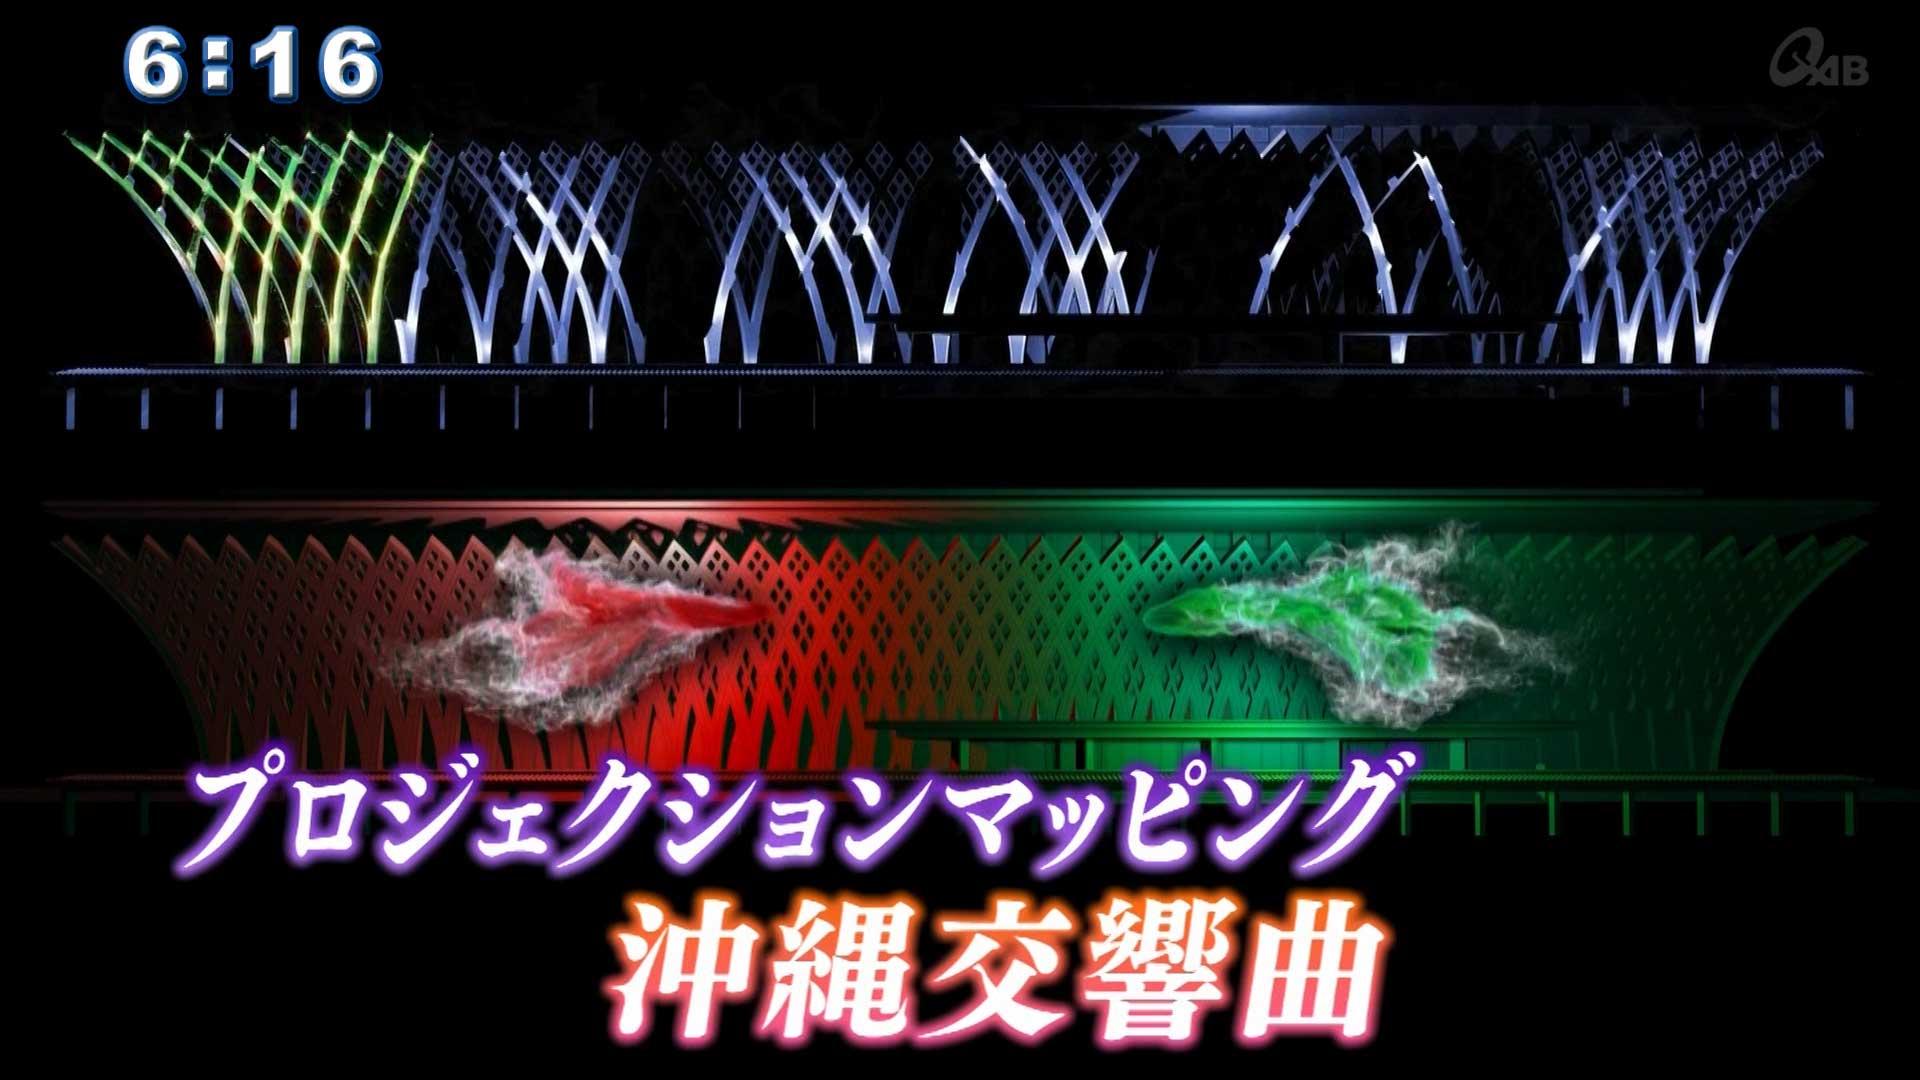 「プロジェクションマッピング・沖縄交響曲」の舞台裏